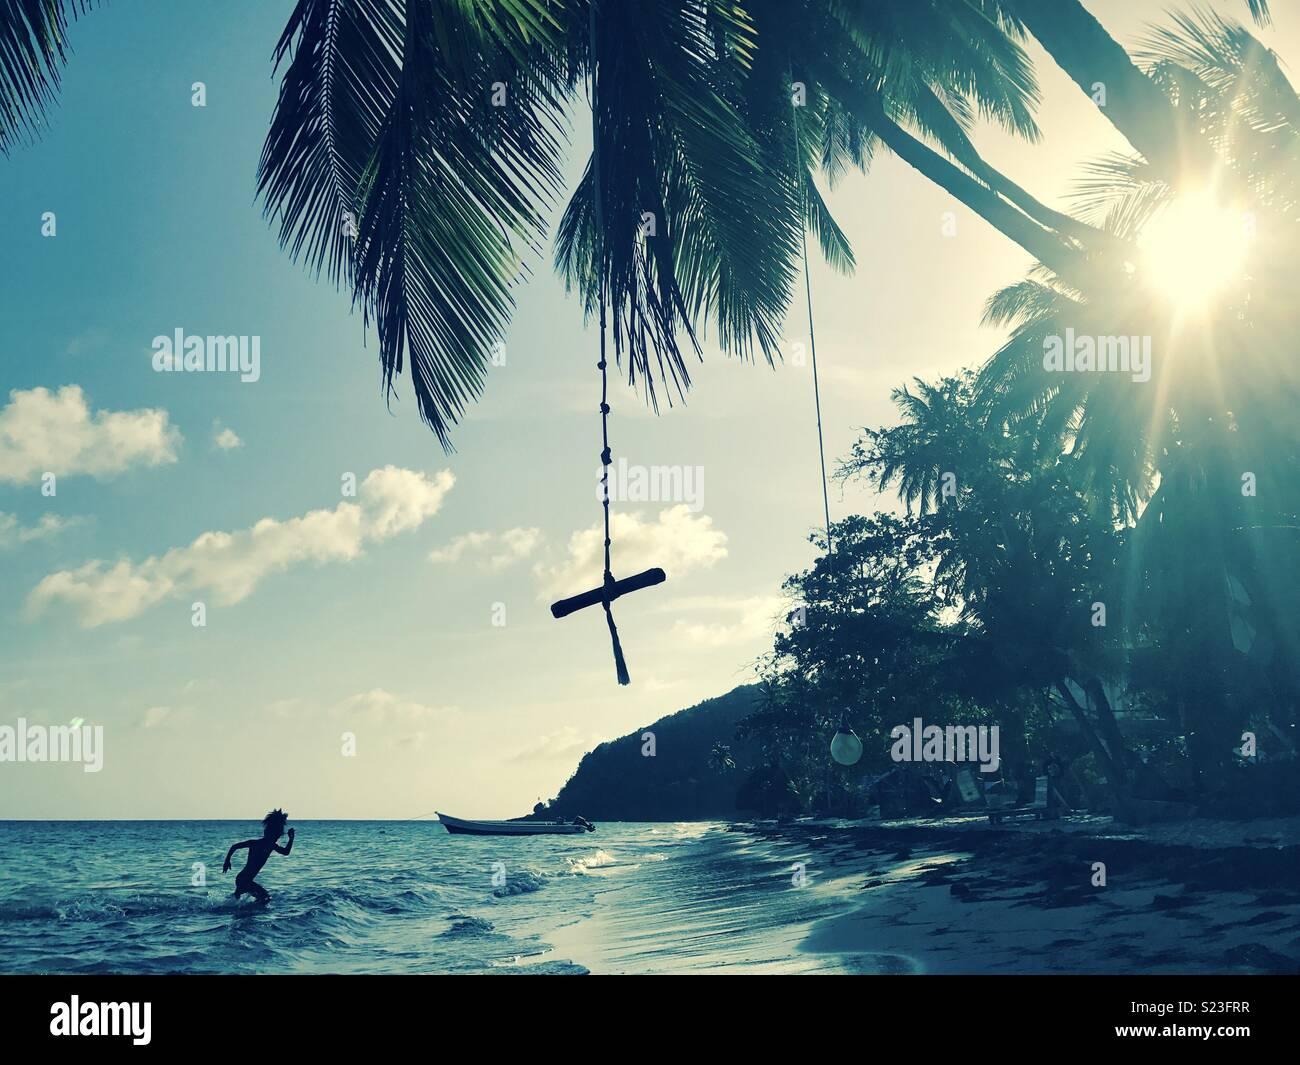 Scène de plage des Caraïbes sur l'île de Providencia, une île colombienne dans les Caraibes. Photo Stock